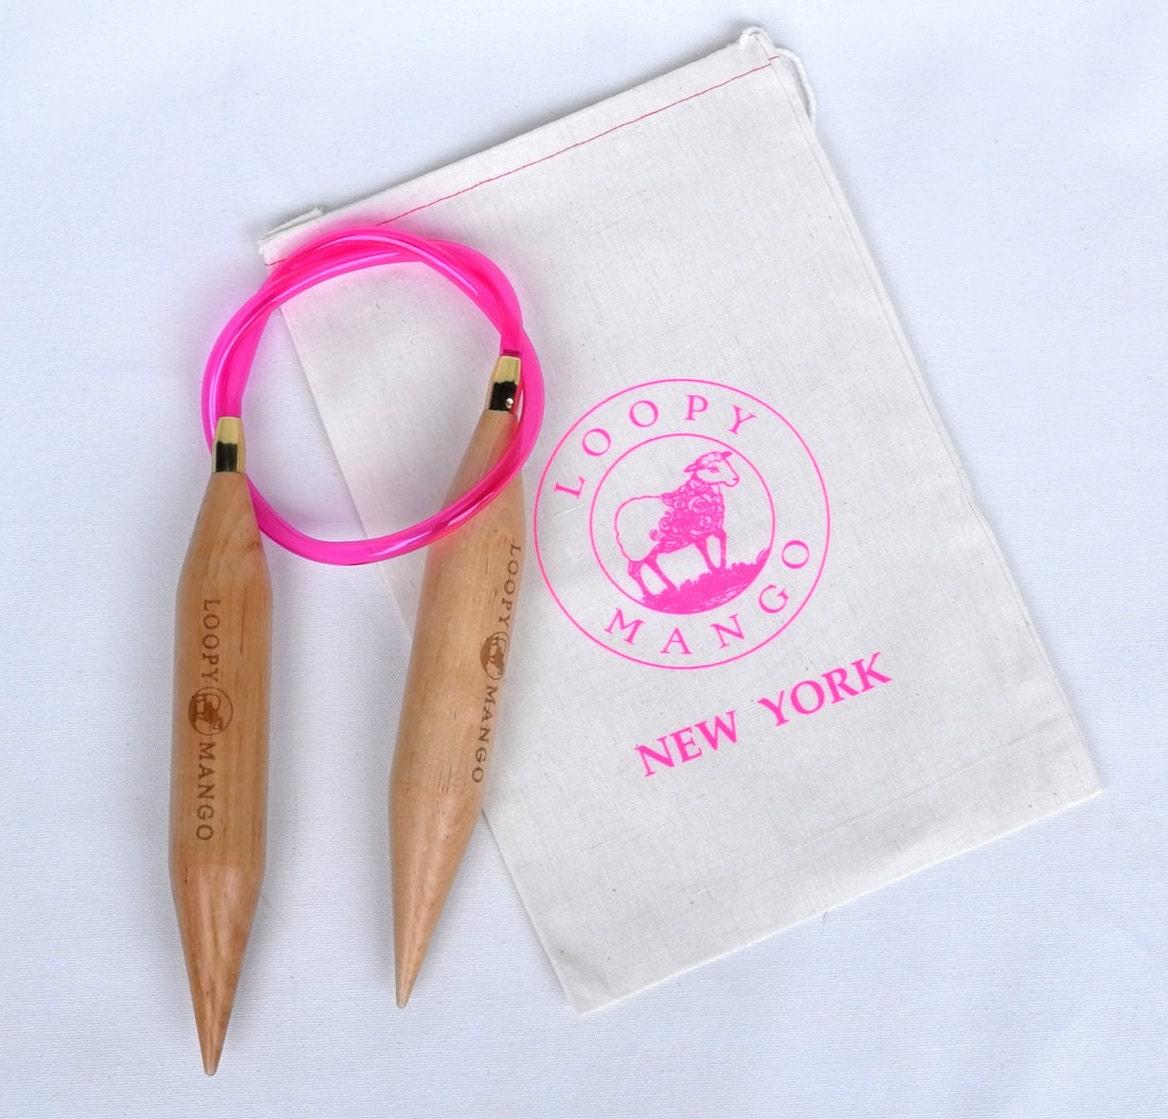 Knitting Needle Sizes 35mm : Loopy mango gigantic size knitting needles mm by